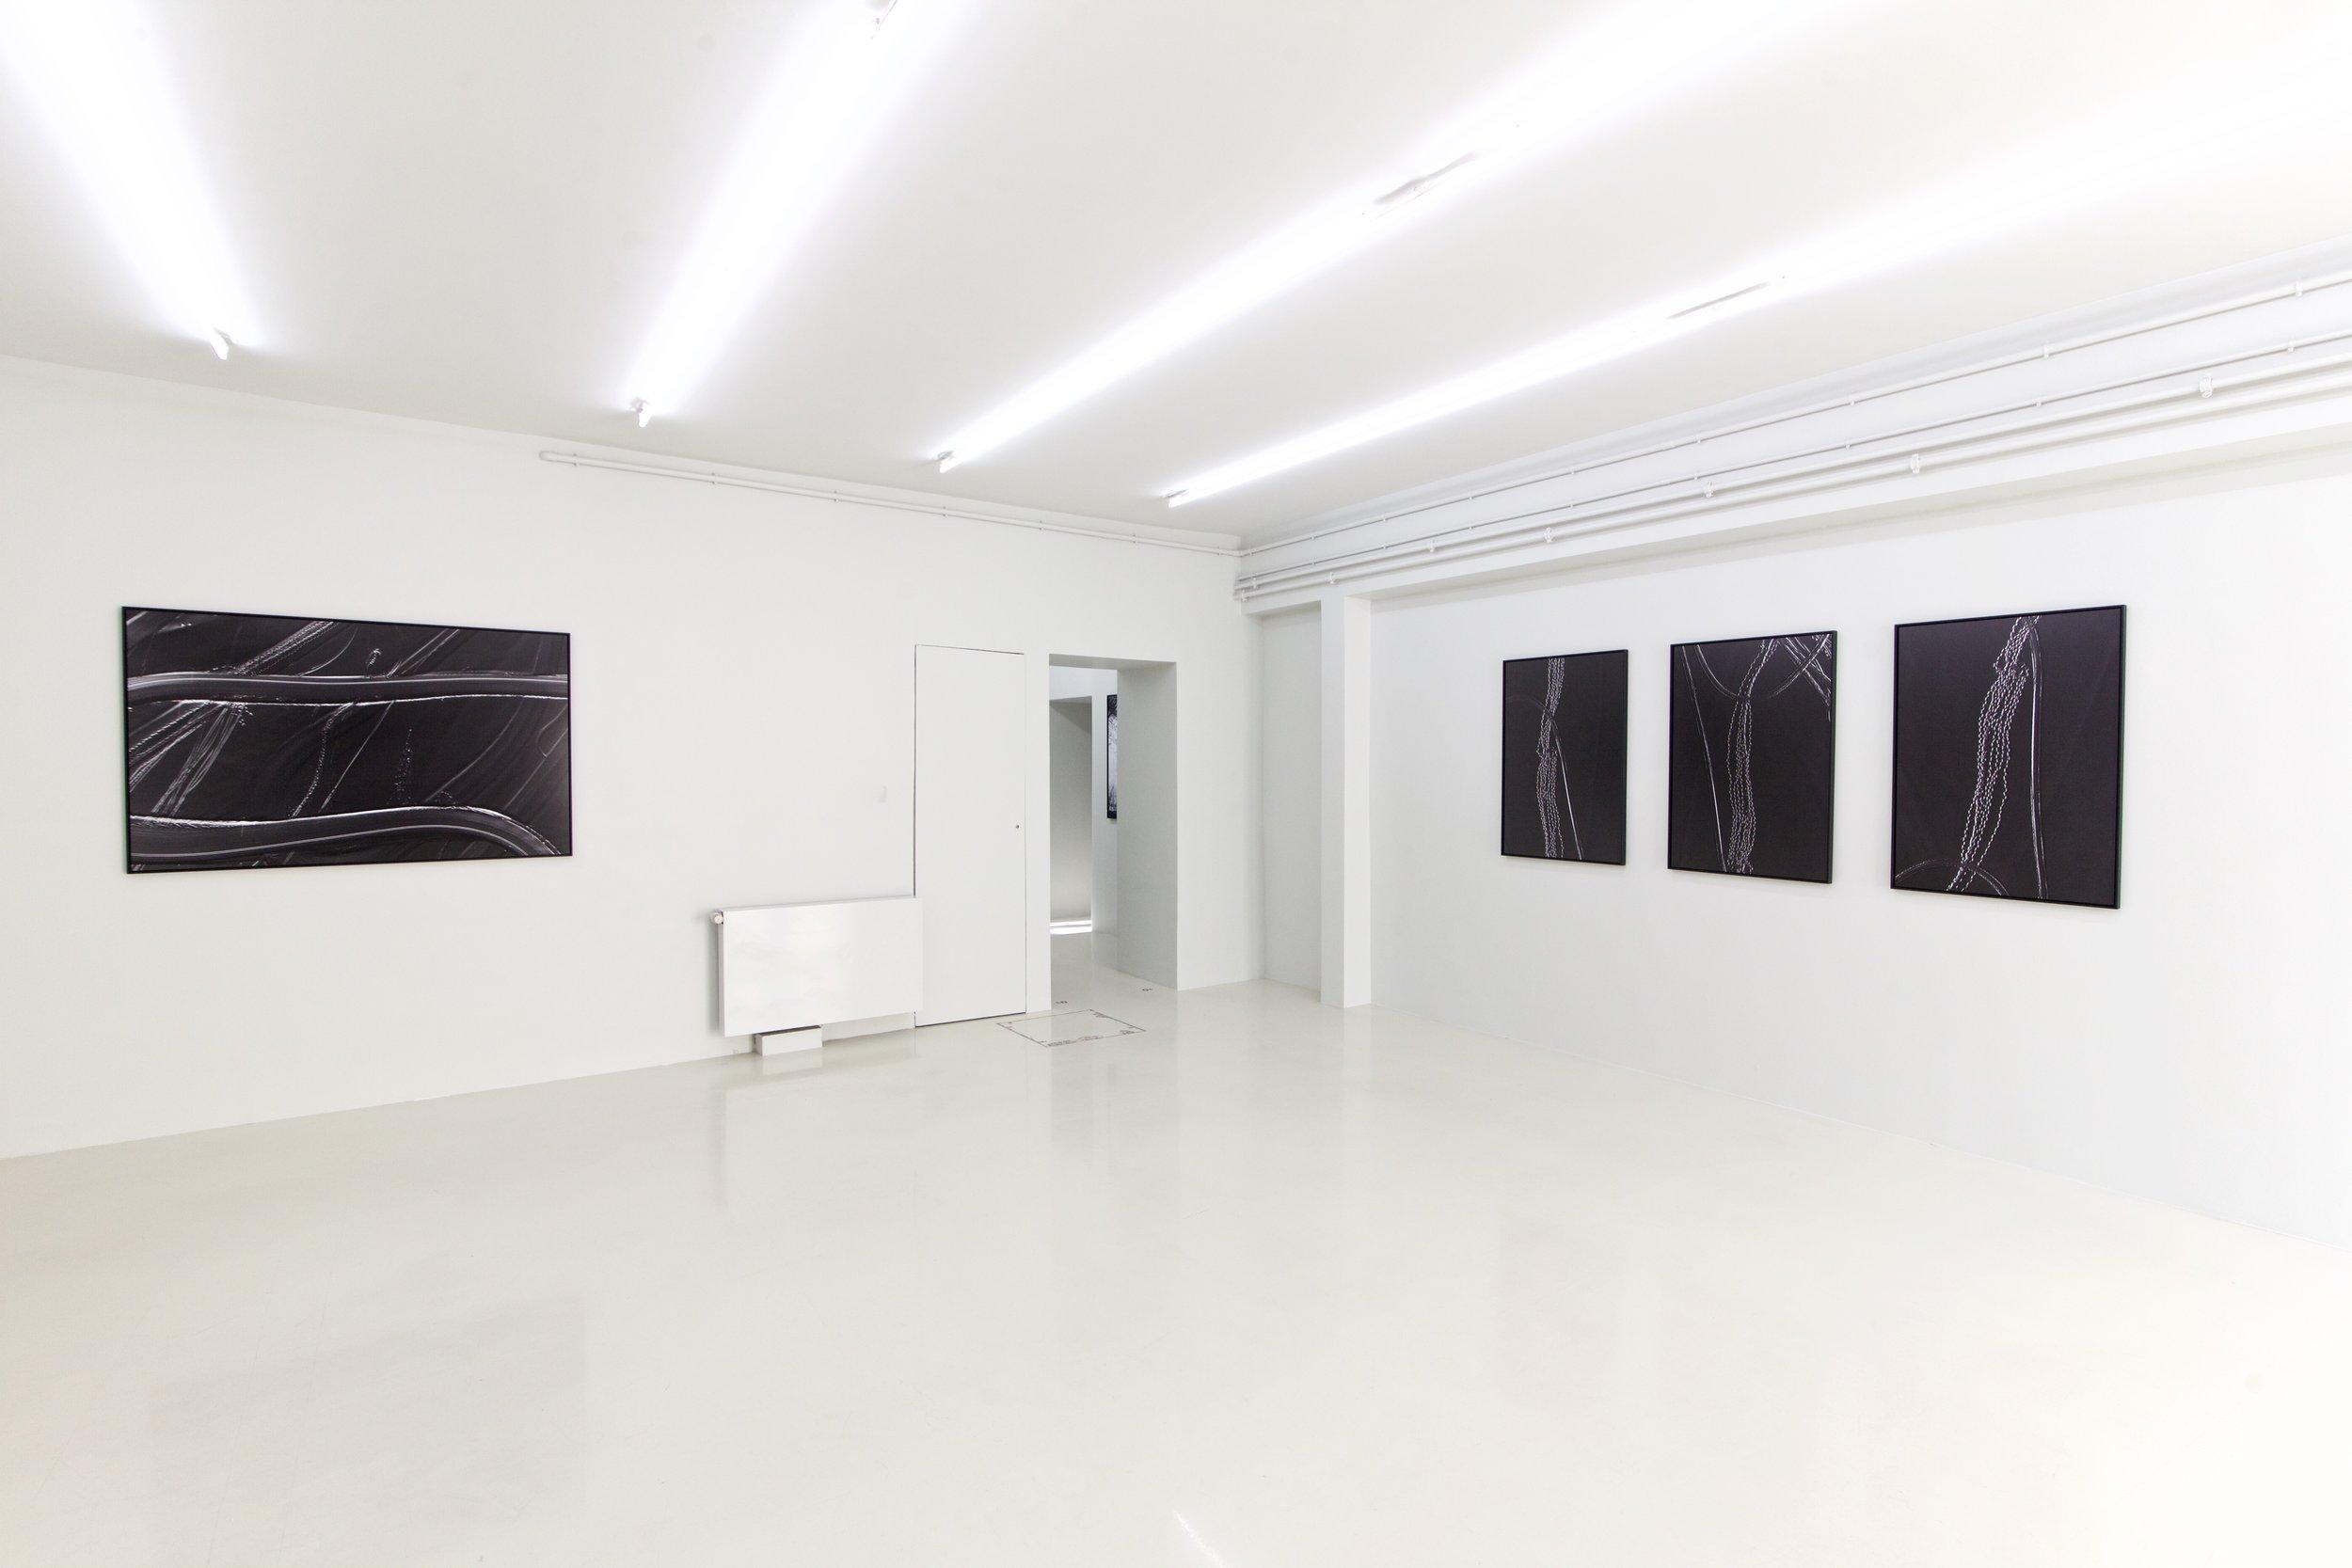 Galerie Bessieres jan2018_MG_5960 47.jpg